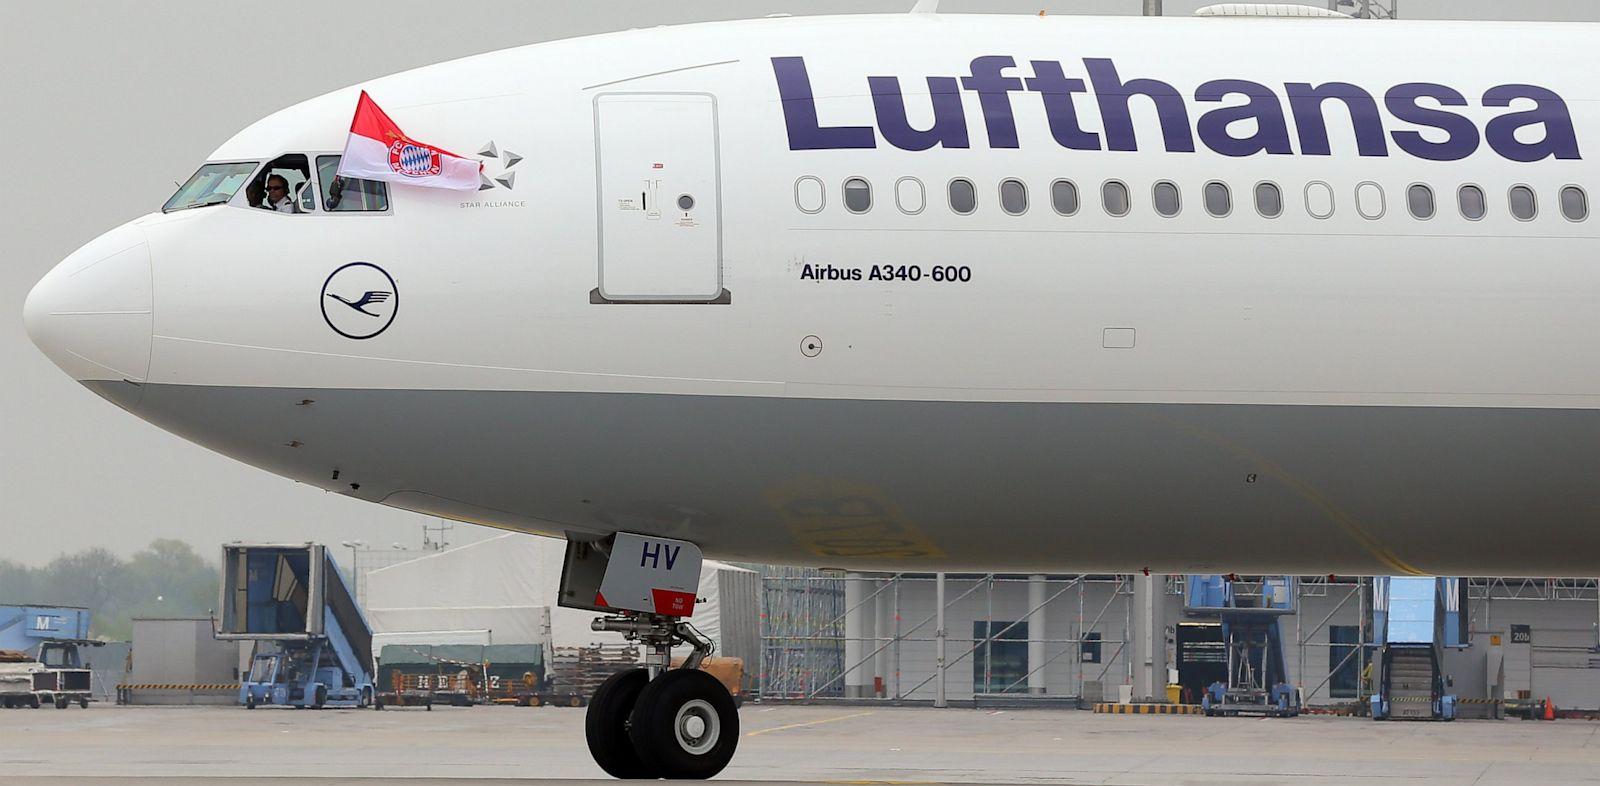 PHOTO: A Lufthansa Airbus A 340-600